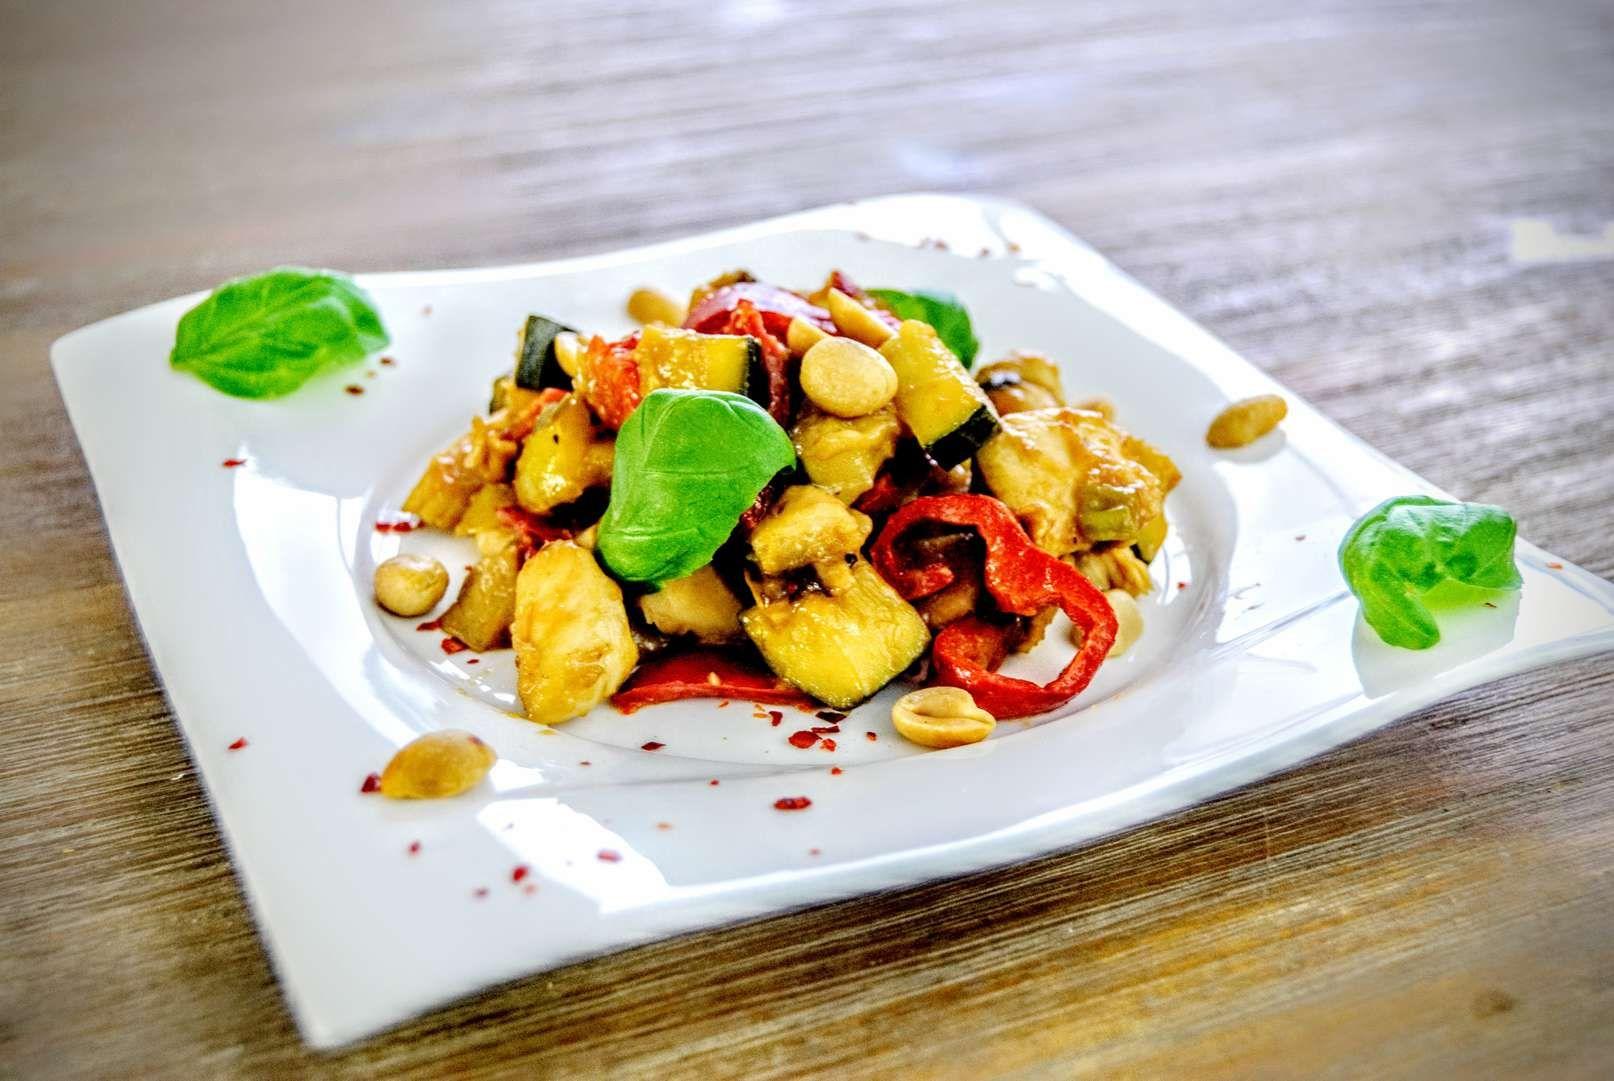 Asiatische Rezepte – Gemüsepfanne kalorienarm